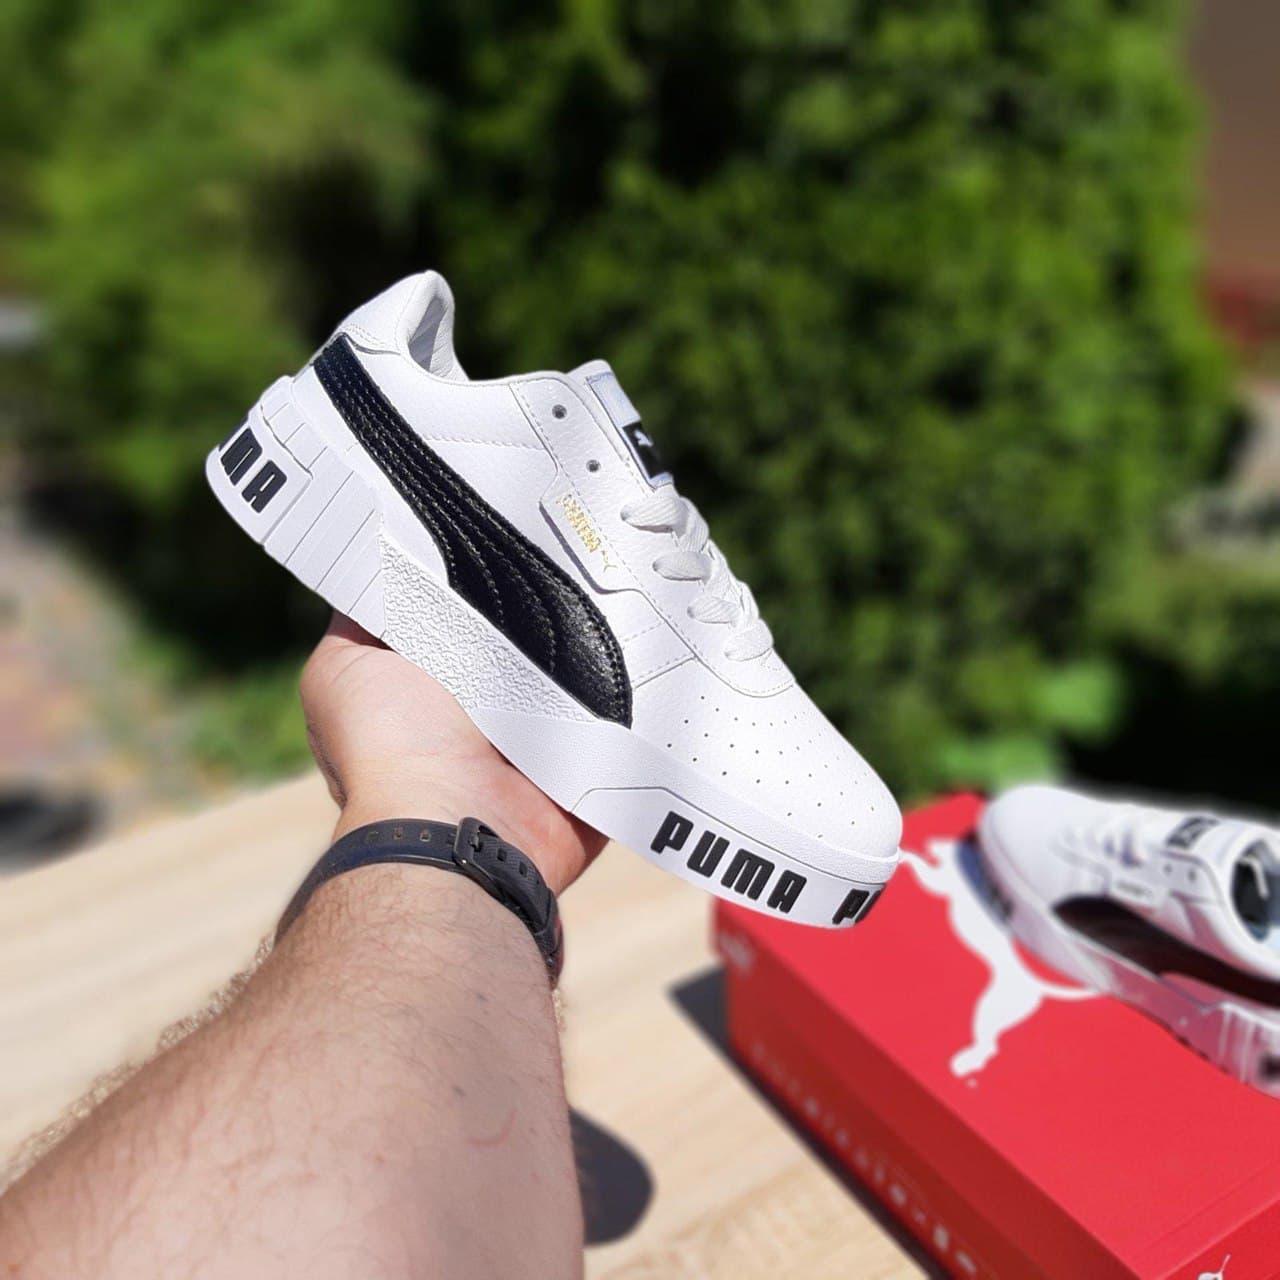 Кросівки жіночі Руму Cali Білі з чорним